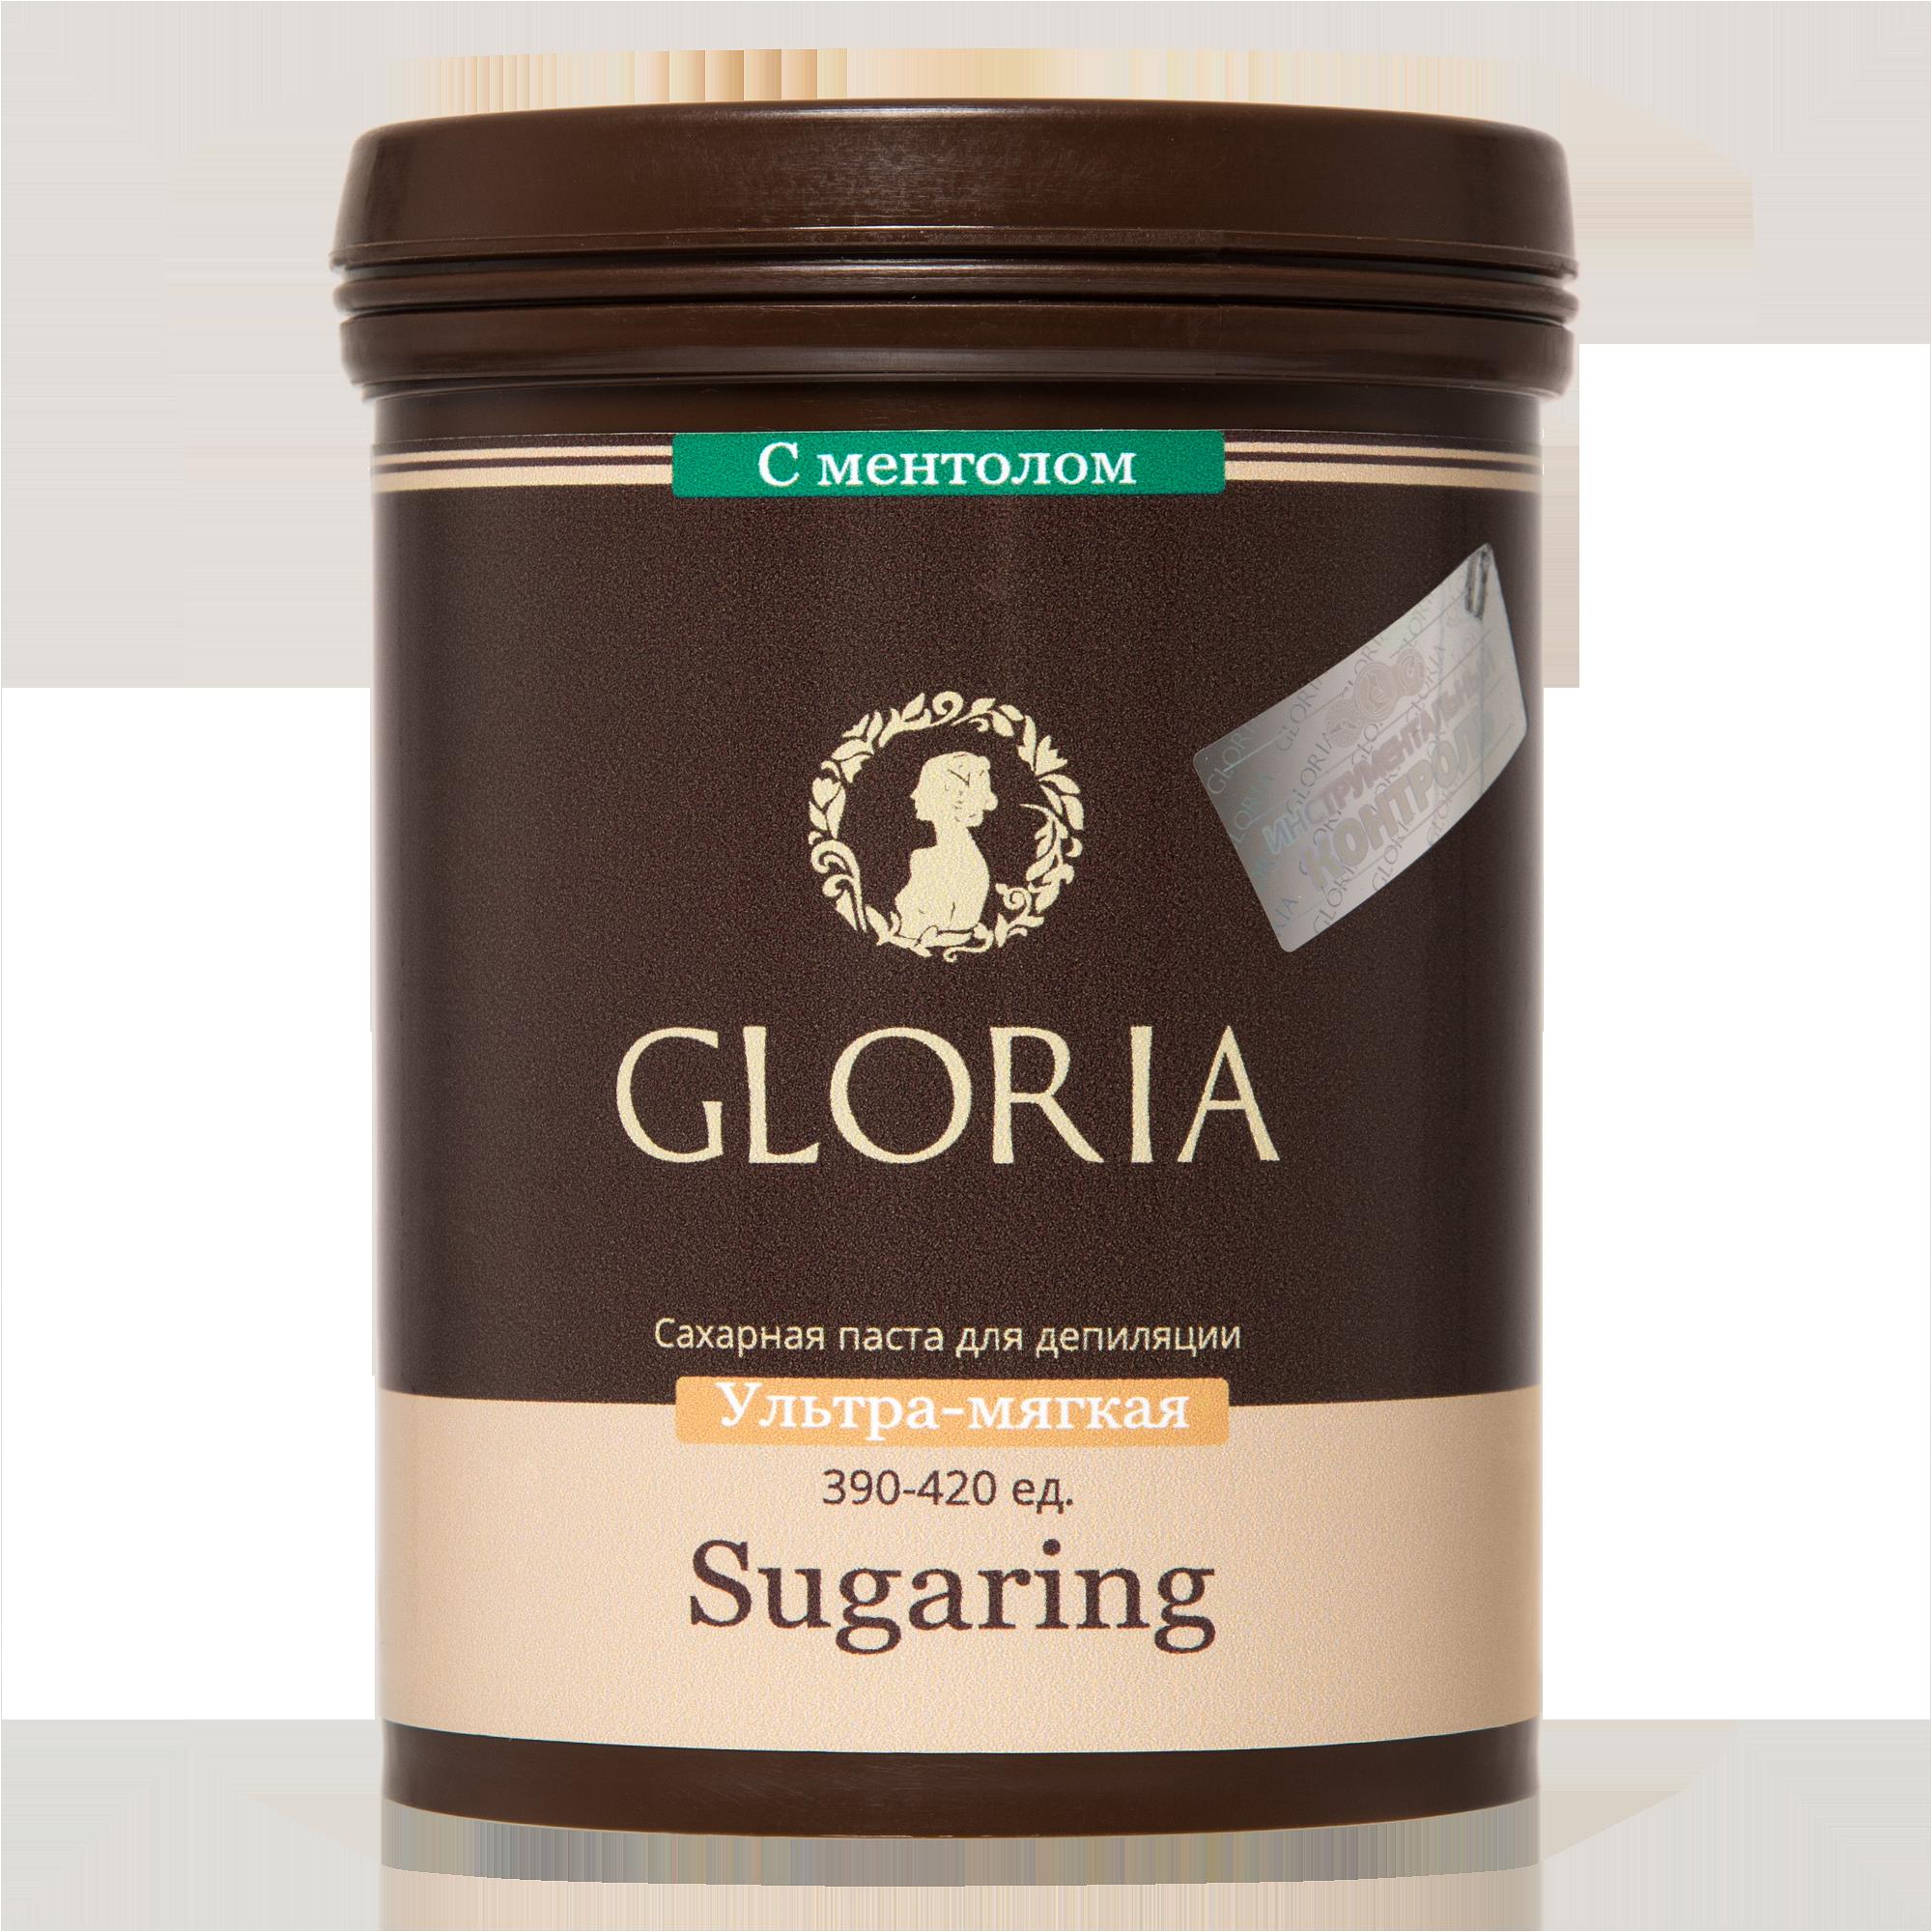 GLORIA Паста сахарная для депиляции ультра-мягкая с ментолом / GLORIA, 1,8 кгСахарные пасты<br>Паста предназначена для работы мануальной и шпательной техникой на любых участках, включая такие чувствительные, как лицо и зона бикини. Натуральный ментол, входящий в состав пасты, снижает неприятные ощущения во время процедуры и дарит коже приятную прохладу. Паста GLORIA одна из самых экономичных паст для шугаринга, представленных сегодня на российском рынке. Внимание! Возможна кристаллизация ментола (не отражается на потребительских качествах сахарной пасты). Кол-во процедур: 60 Активные ингредиенты: глюкоза, фруктоза, лимонная кислота, вода, ментол.<br>